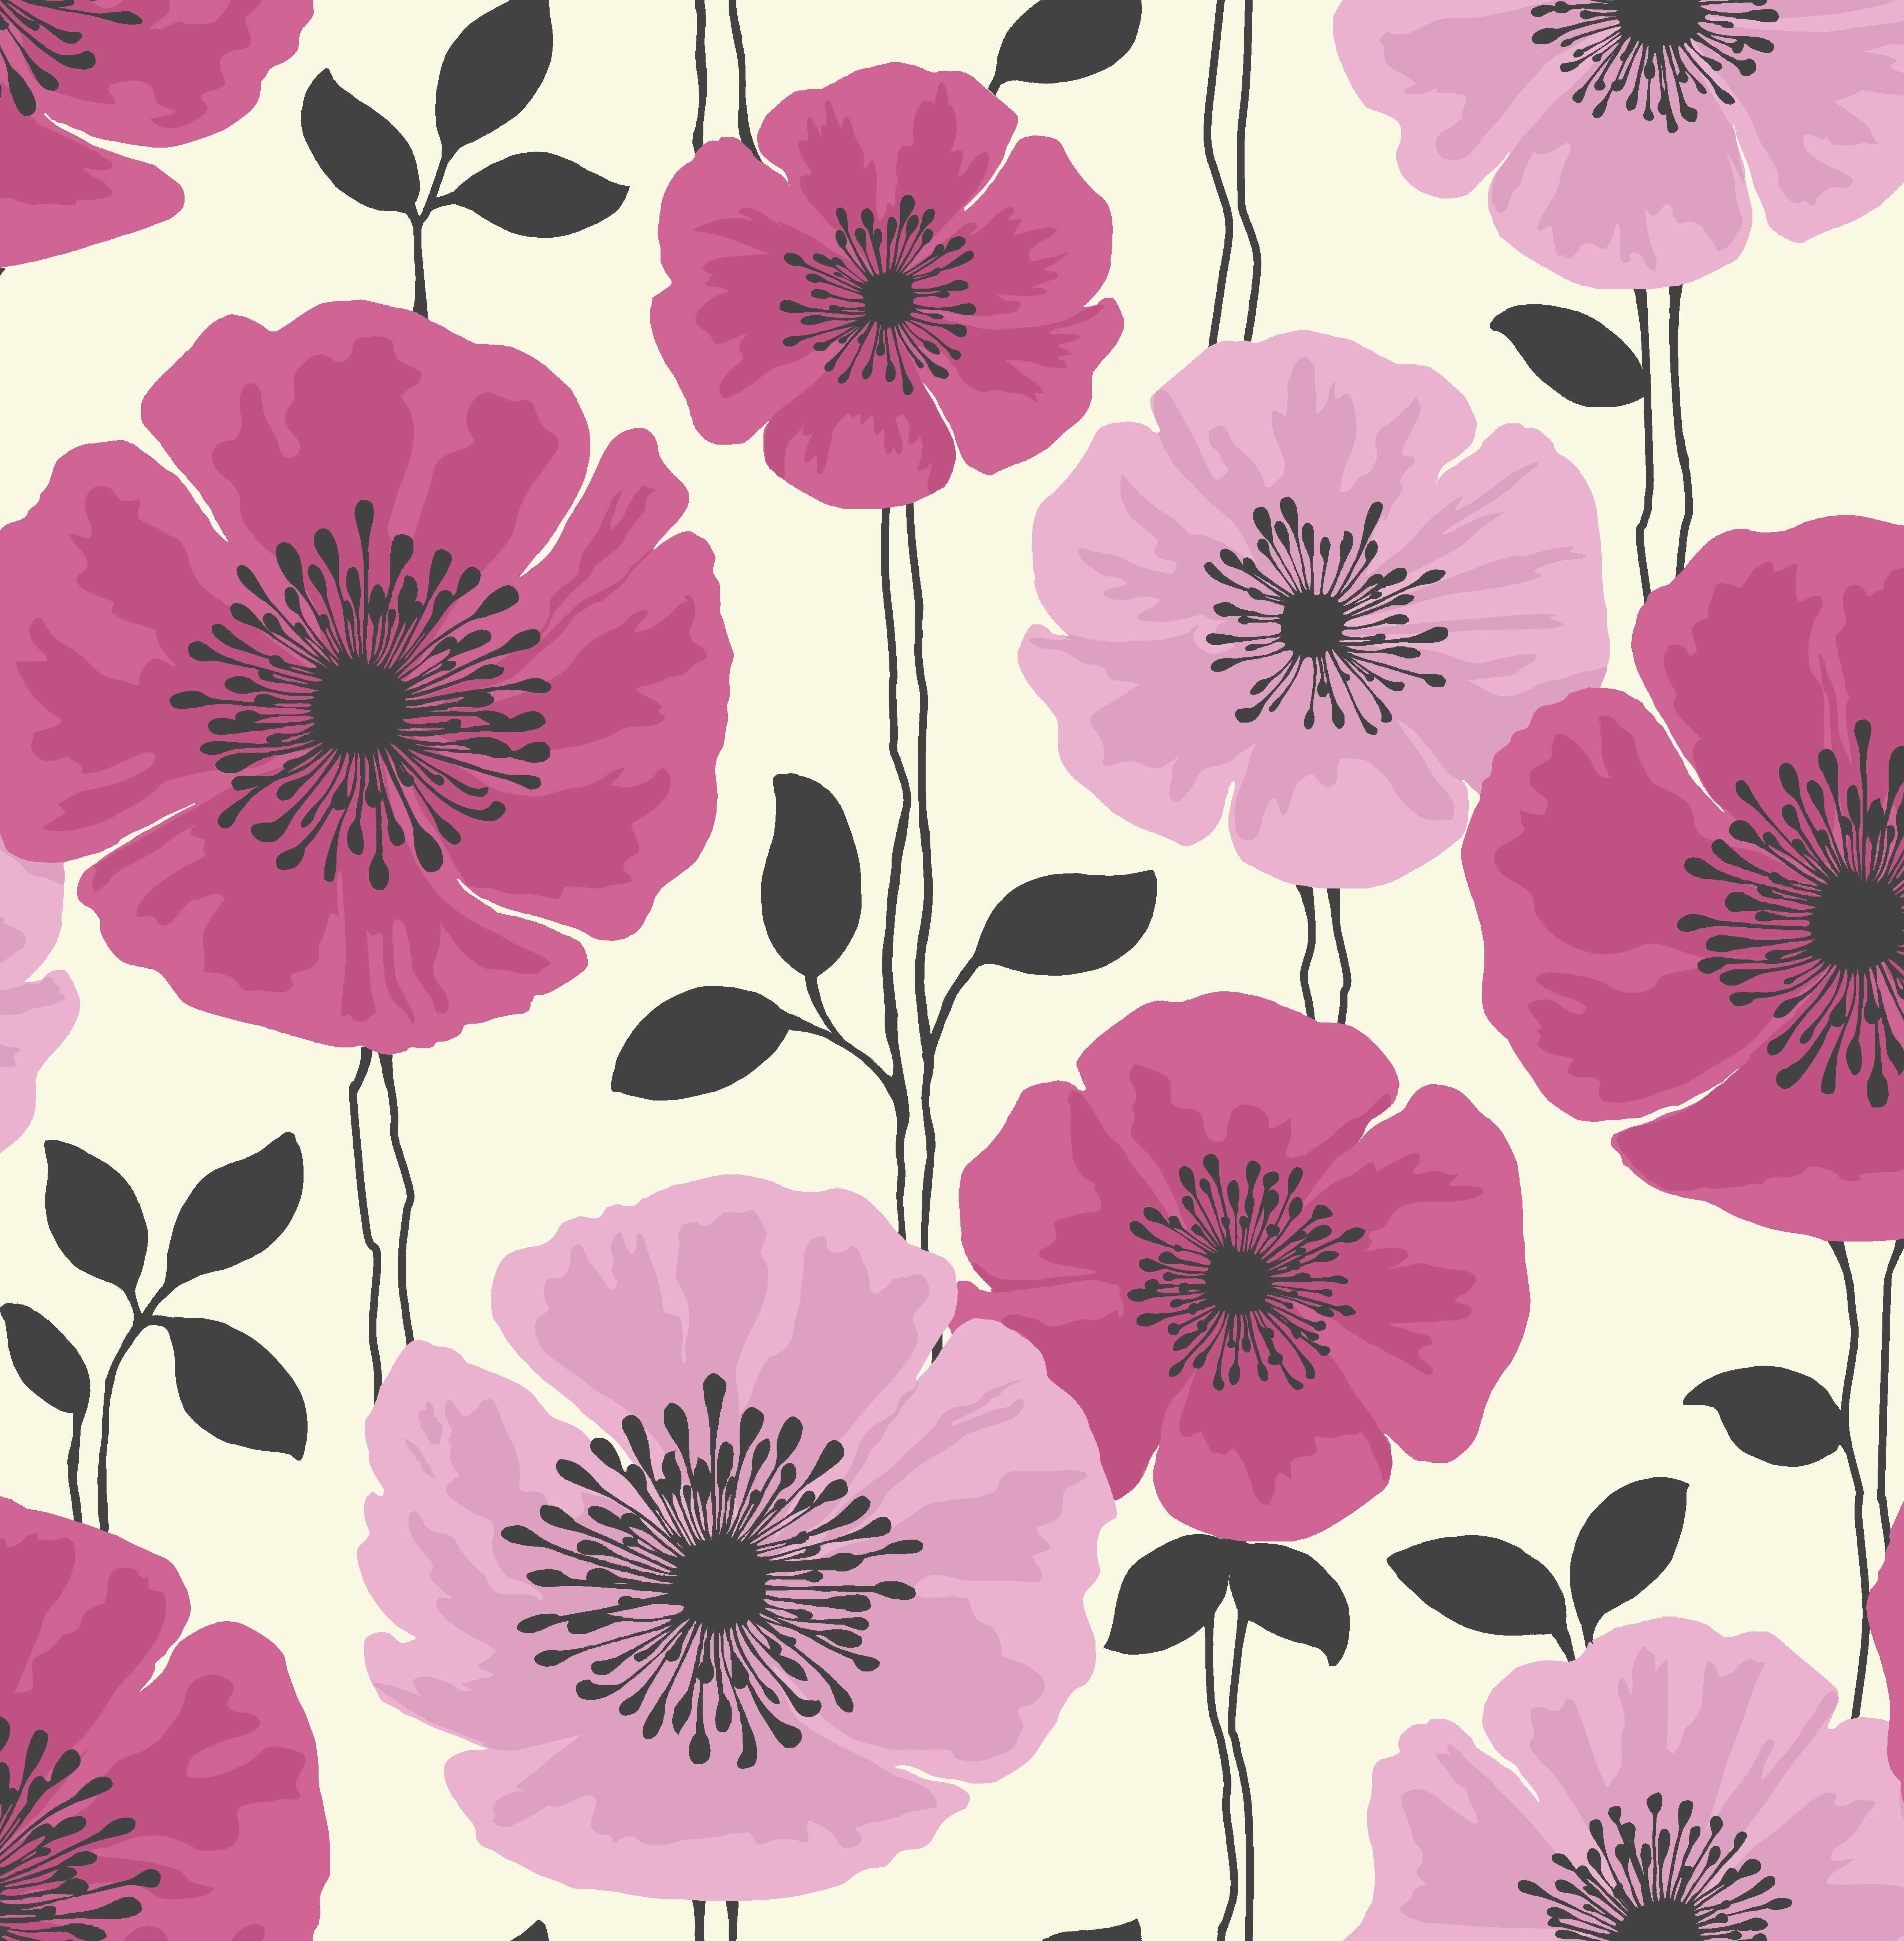 Pink And Black Wallpaper For Bedroom Similiar Teal Pink Black Floral Art Keywords